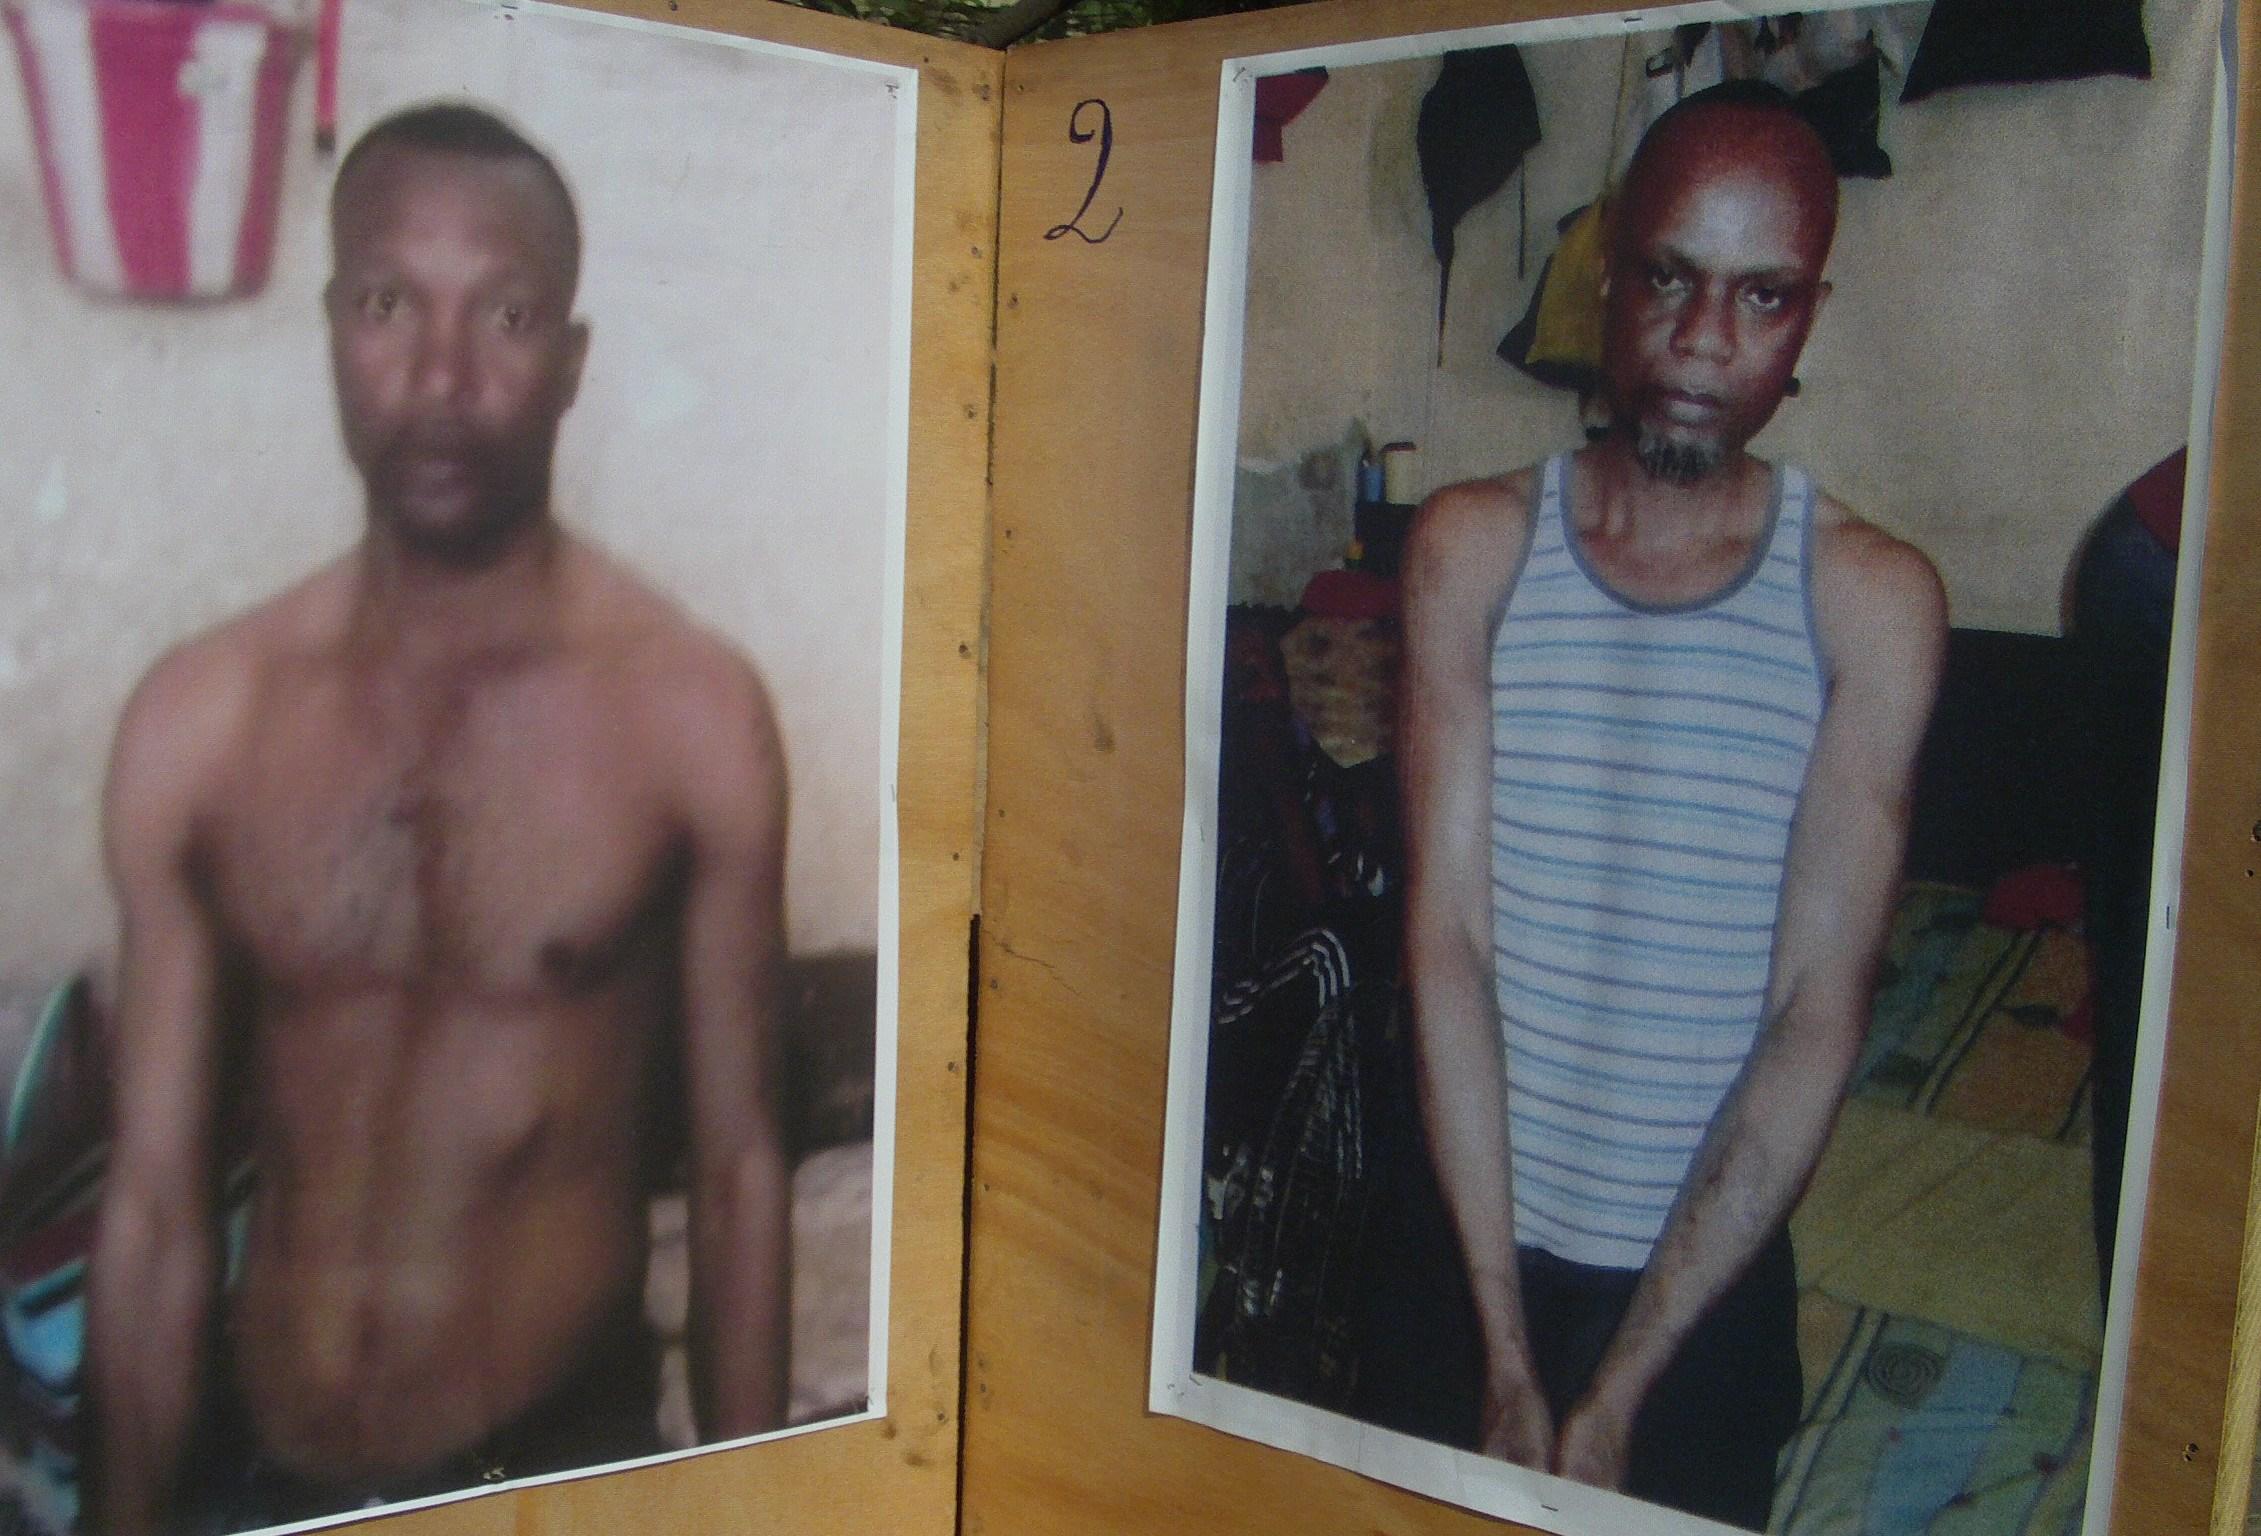 Parmi les torturés Monsieur Massamba Fortuné Derrick et Me Samba Mountou Loukossi ont été forcés de signer des procès verbaux préparés d'avance (Violations des Droits de l'Homme en Afrique et dans le monde)